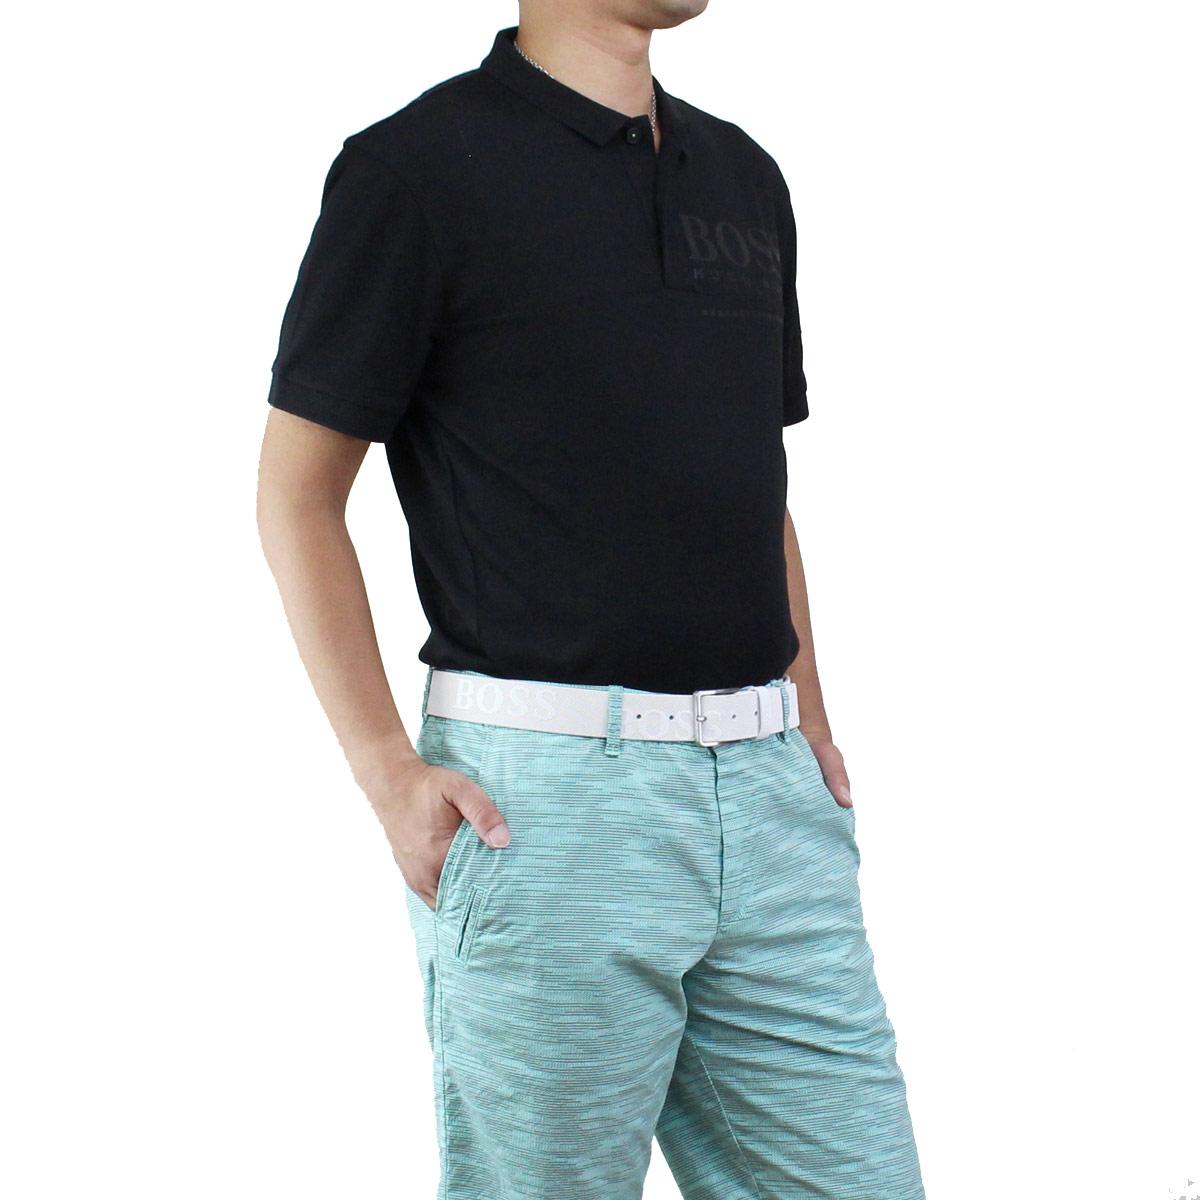 ヒューゴ ボス HUGO BOSS PL-TECH メンズ ロゴ入り ポロシャツ 半袖 ゴルフウェア 50399317 10208645 001 ブラック【キャッシュレス 5% 還元】